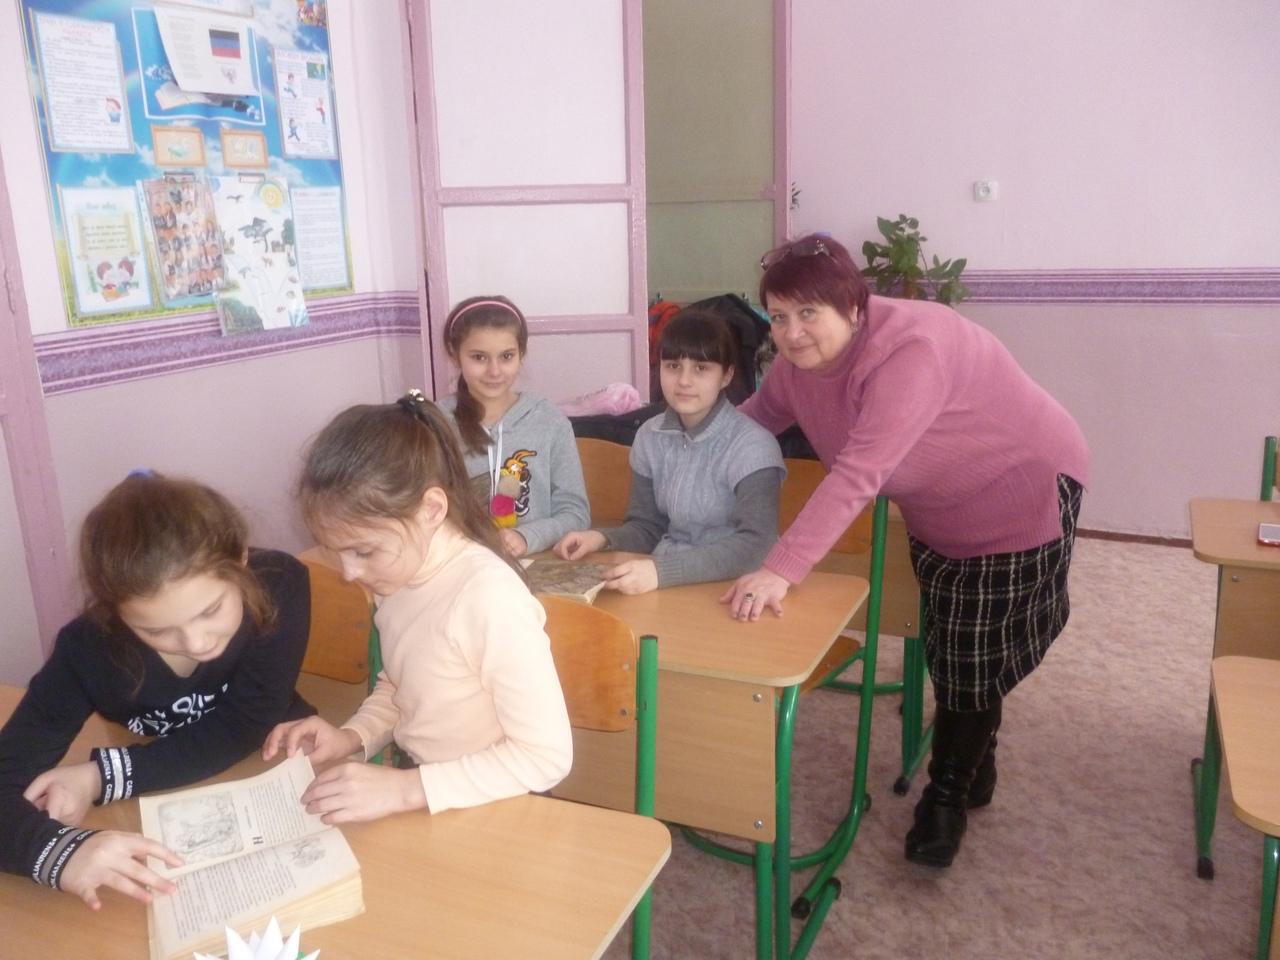 бажовские чтения, отдел внестационарного обслуживания, Донецкая республиканская библиотека для детей, юбилей писателя, павел бажов